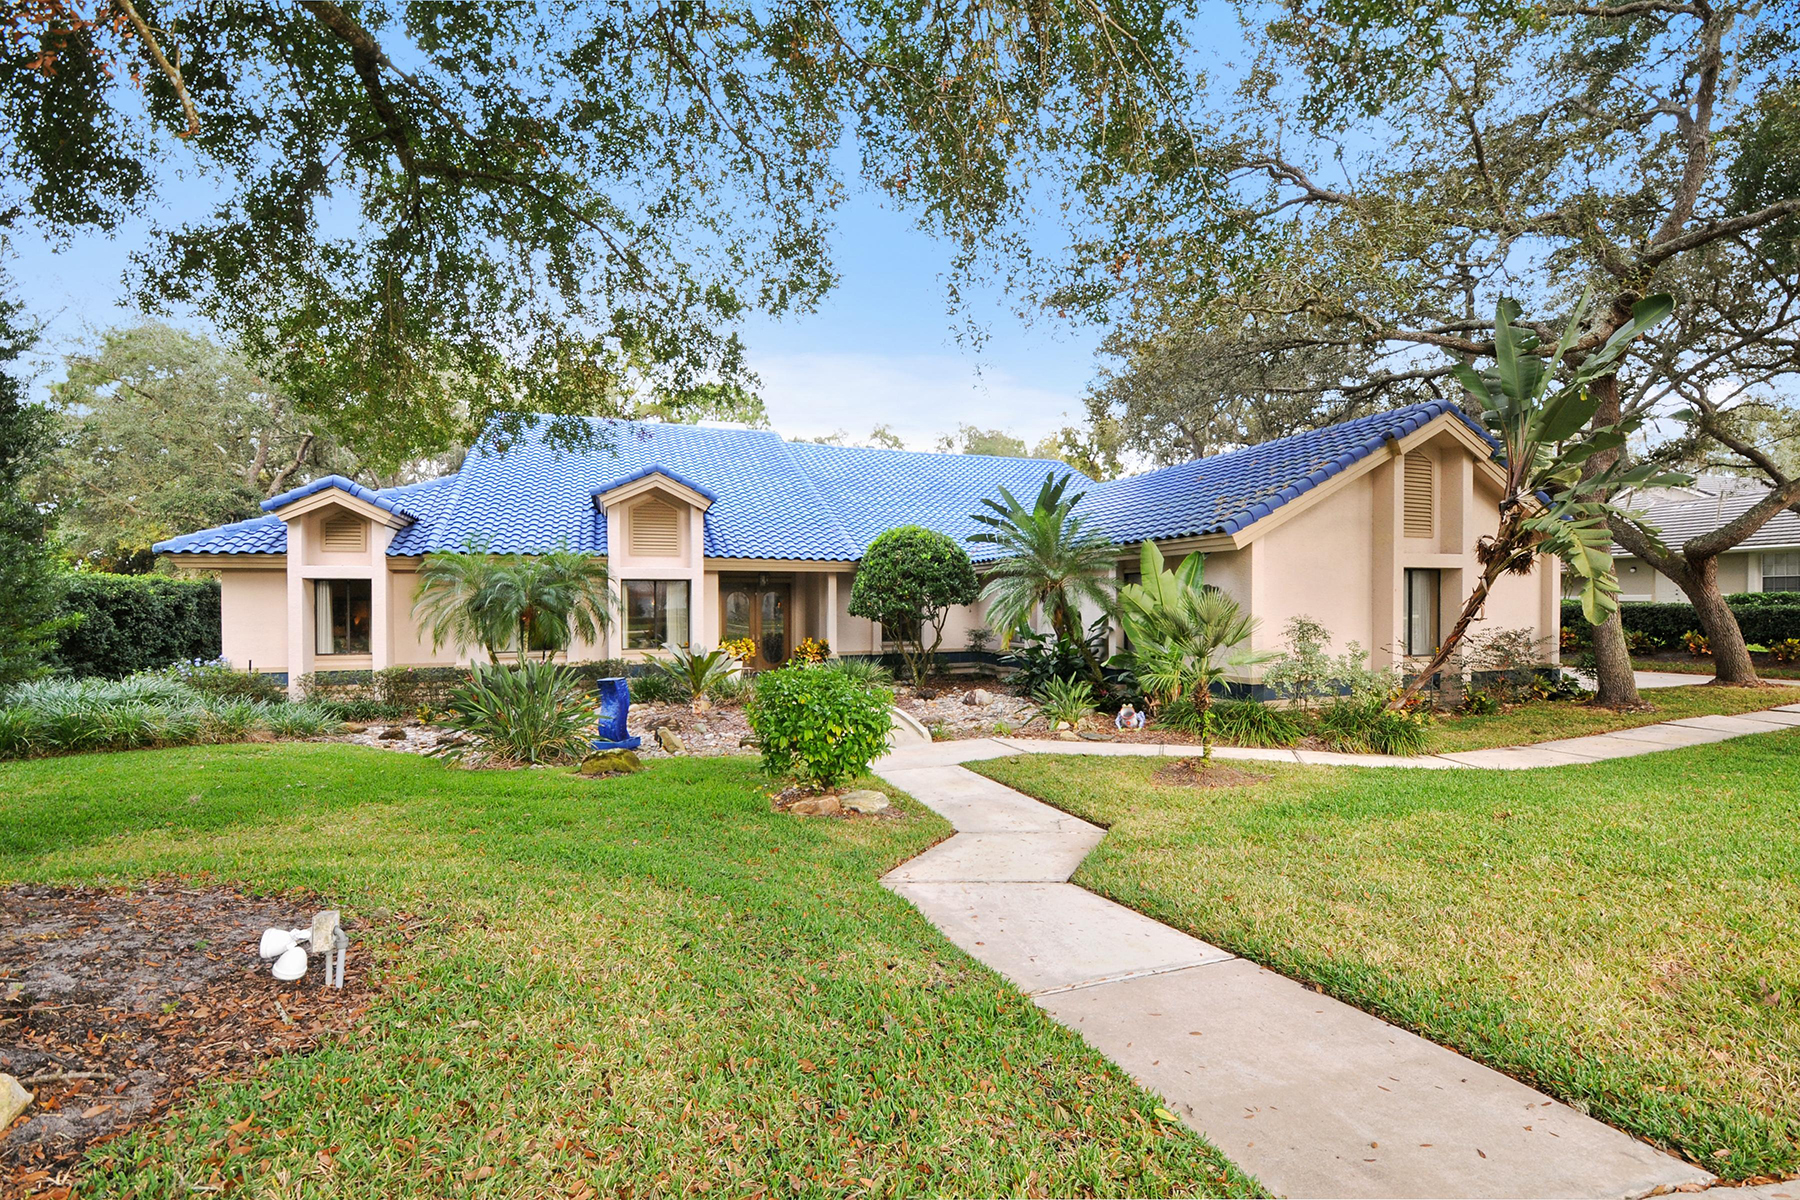 Nhà ở một gia đình vì Bán tại ORLANDO - LAKE MARY 1501 Shadwell Cir Lake Mary, Florida 32746 Hoa Kỳ